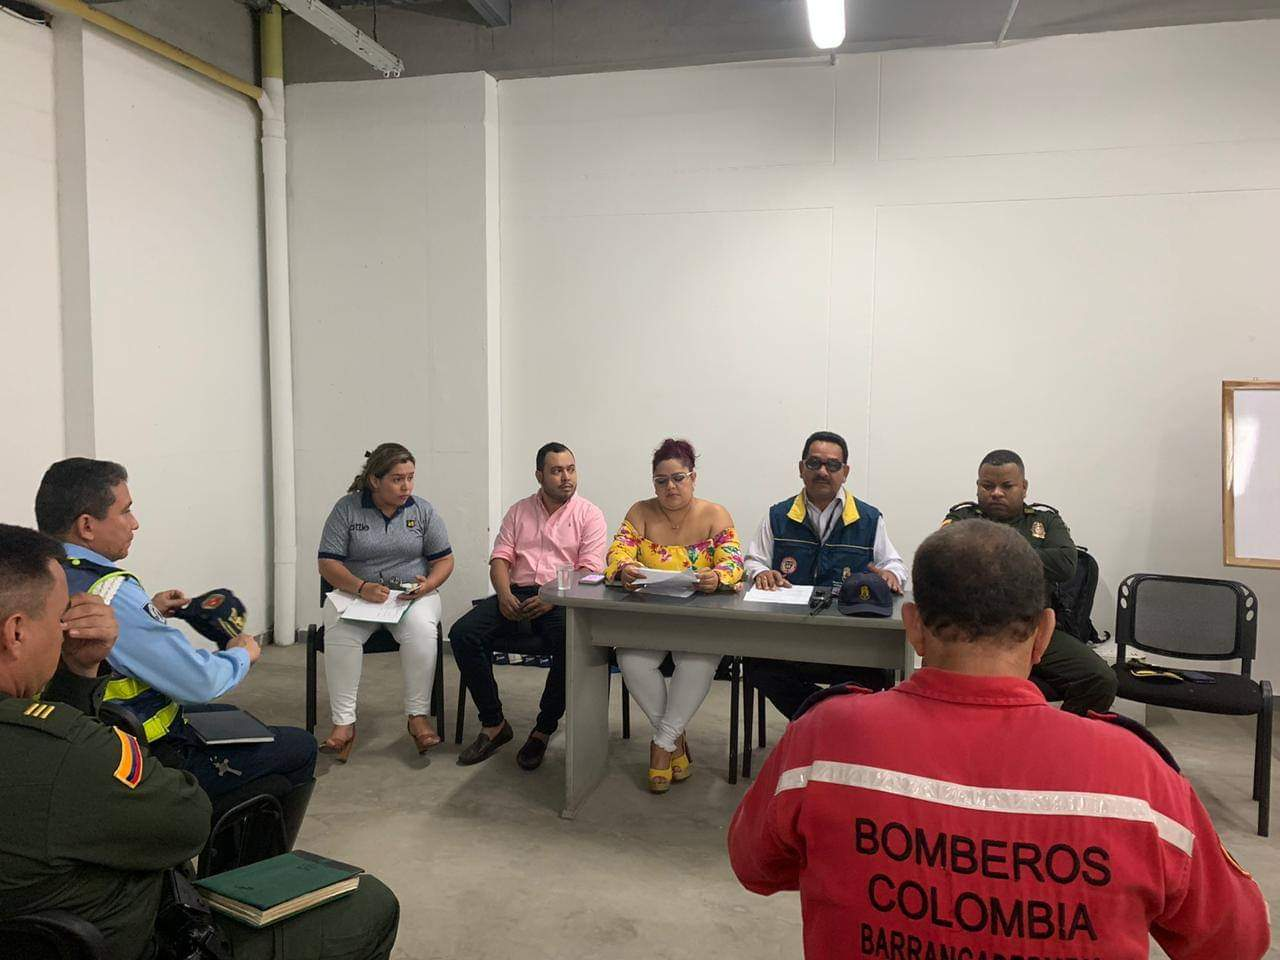 Medidas para Alianza Petrolera Vs. Junior. Comisión para seguridad invita a una fiesta en paz   EL FRENTE